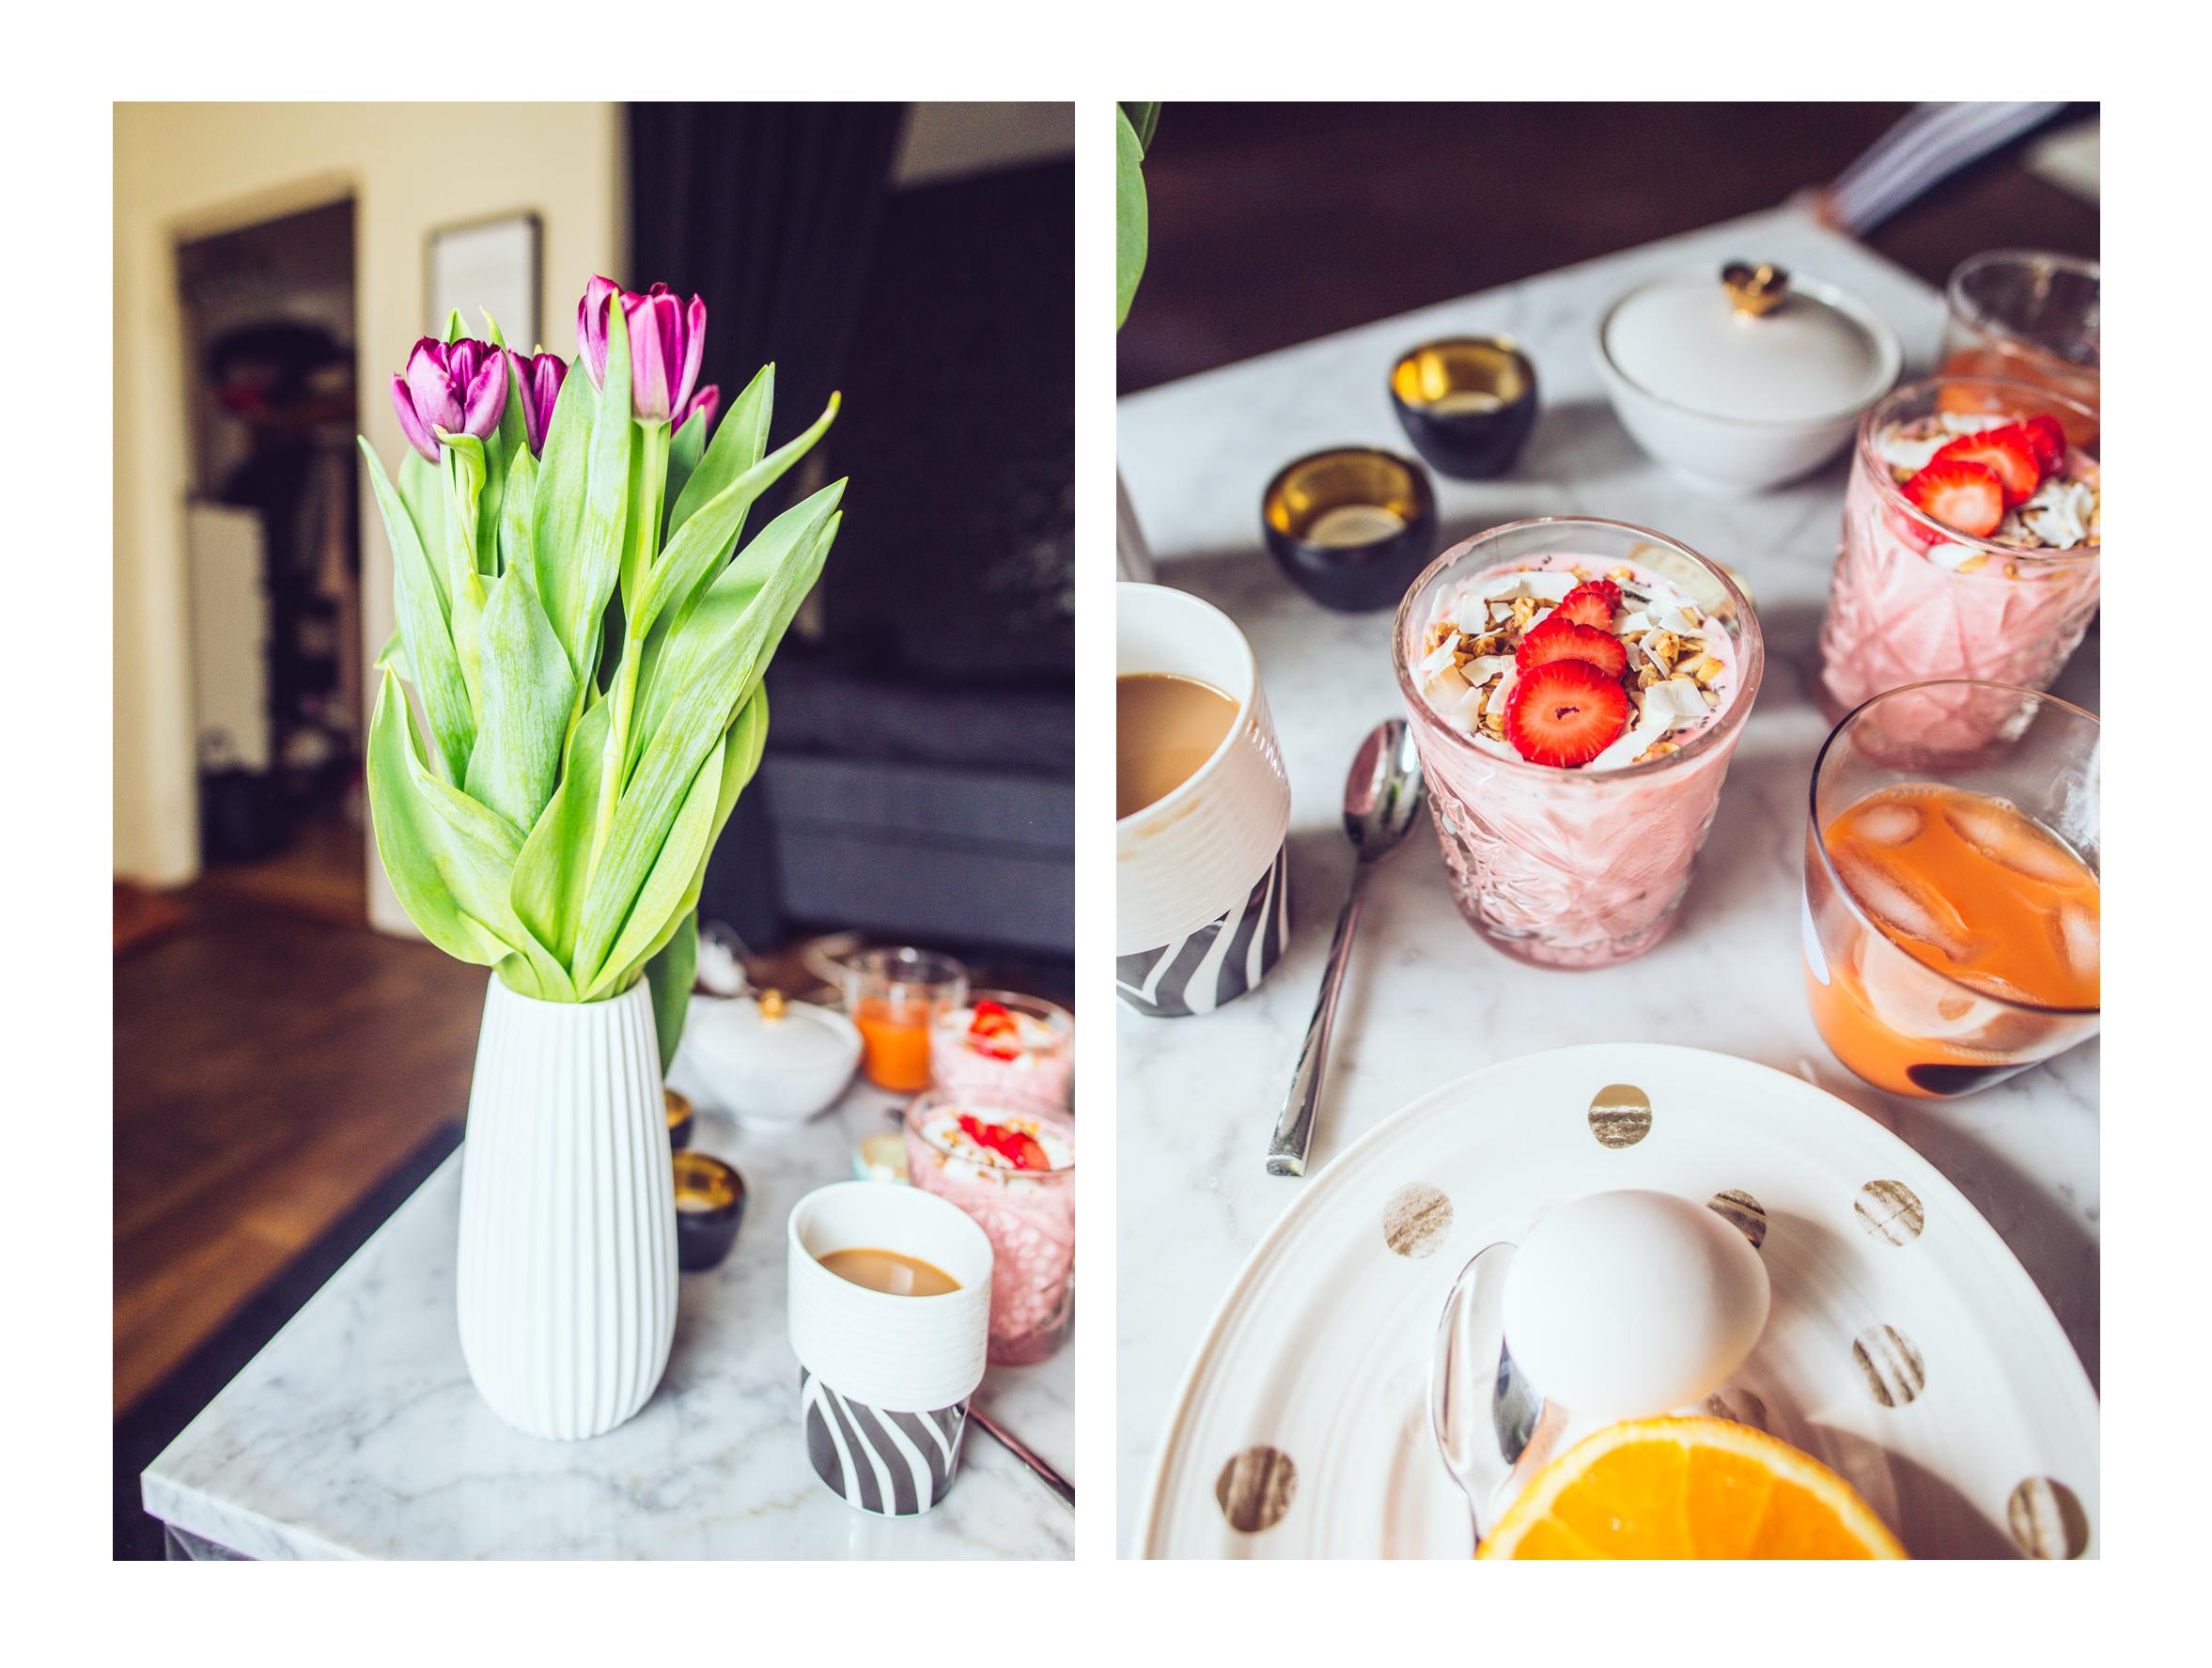 janni-deler-breakfast-ideaDSC_5921